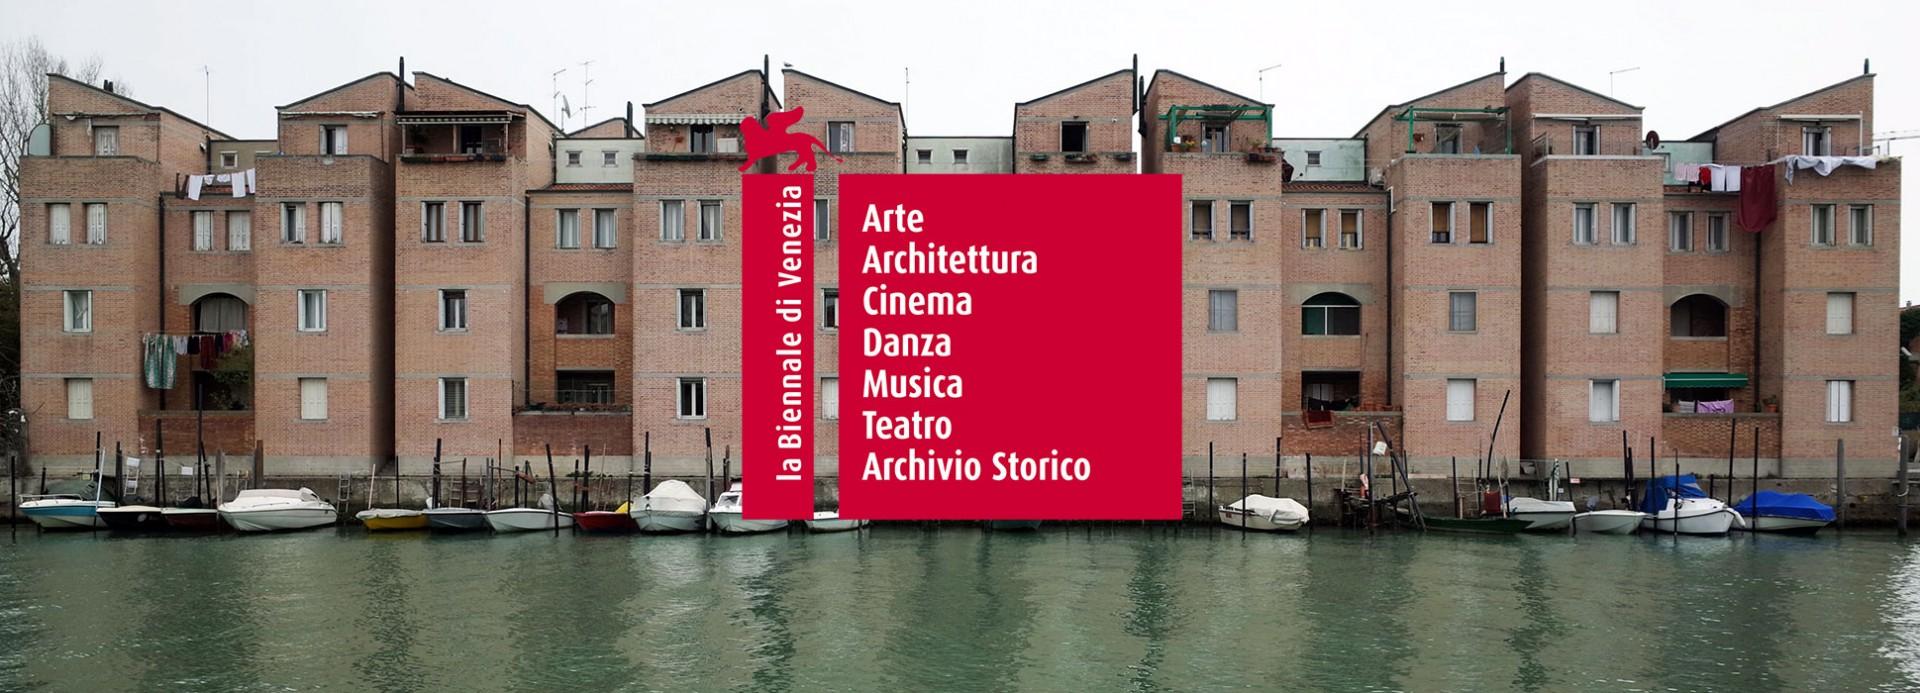 Pet ključnih tema Bijenala arhitekture 2018. u Veneciji